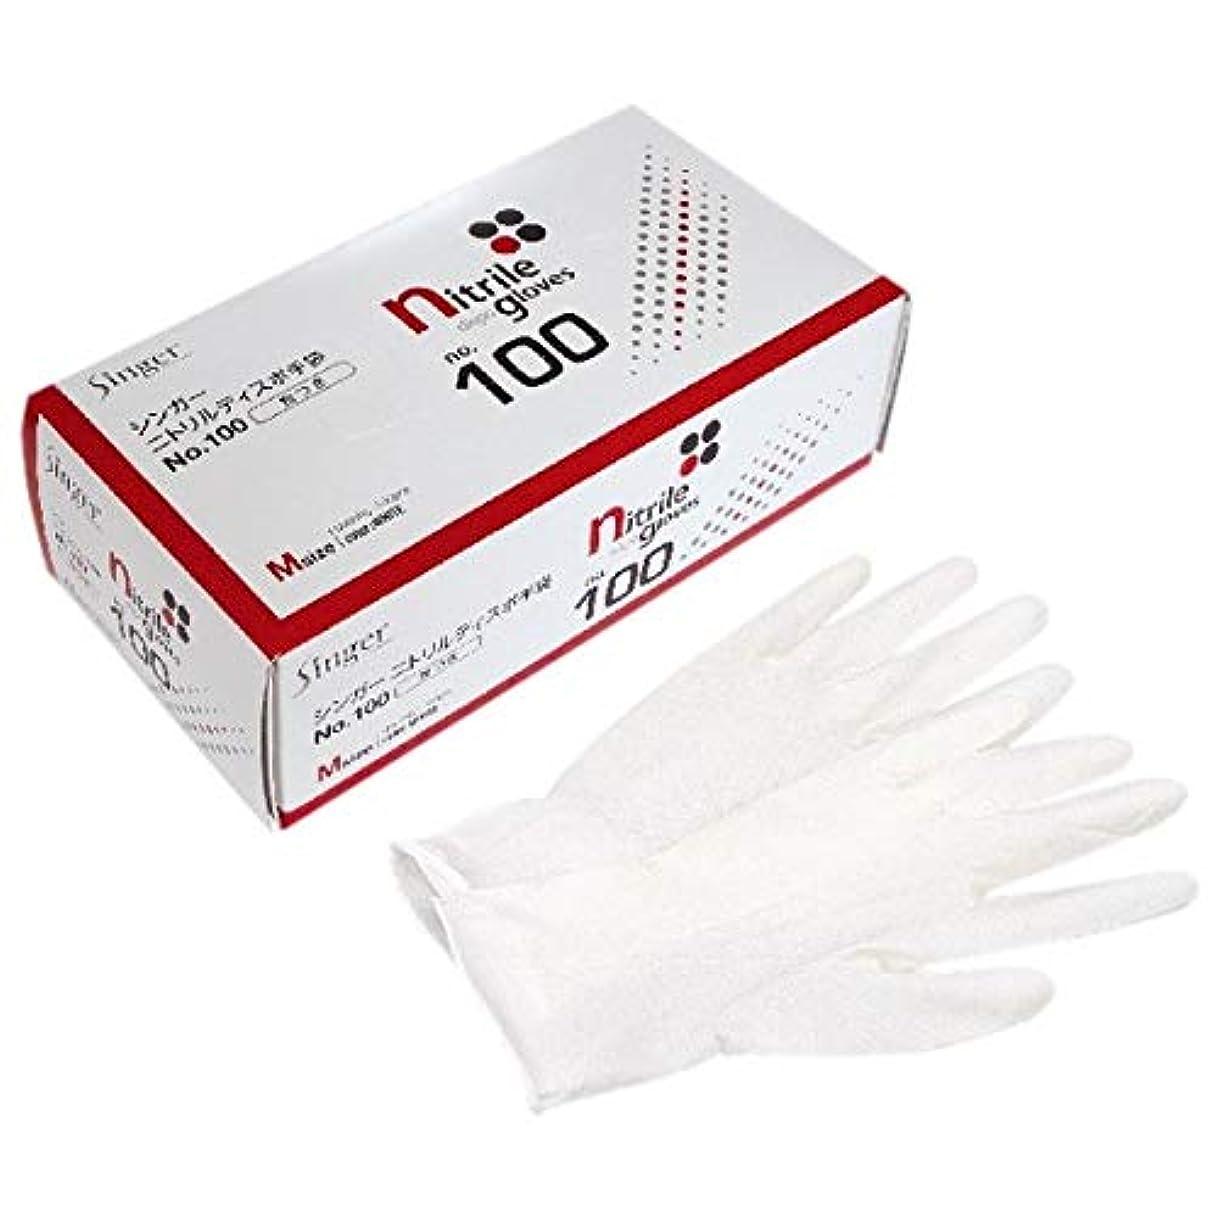 シンガーニトリルディスポ手袋 No.100 白 粉付 Sサイズ 100枚×20箱入